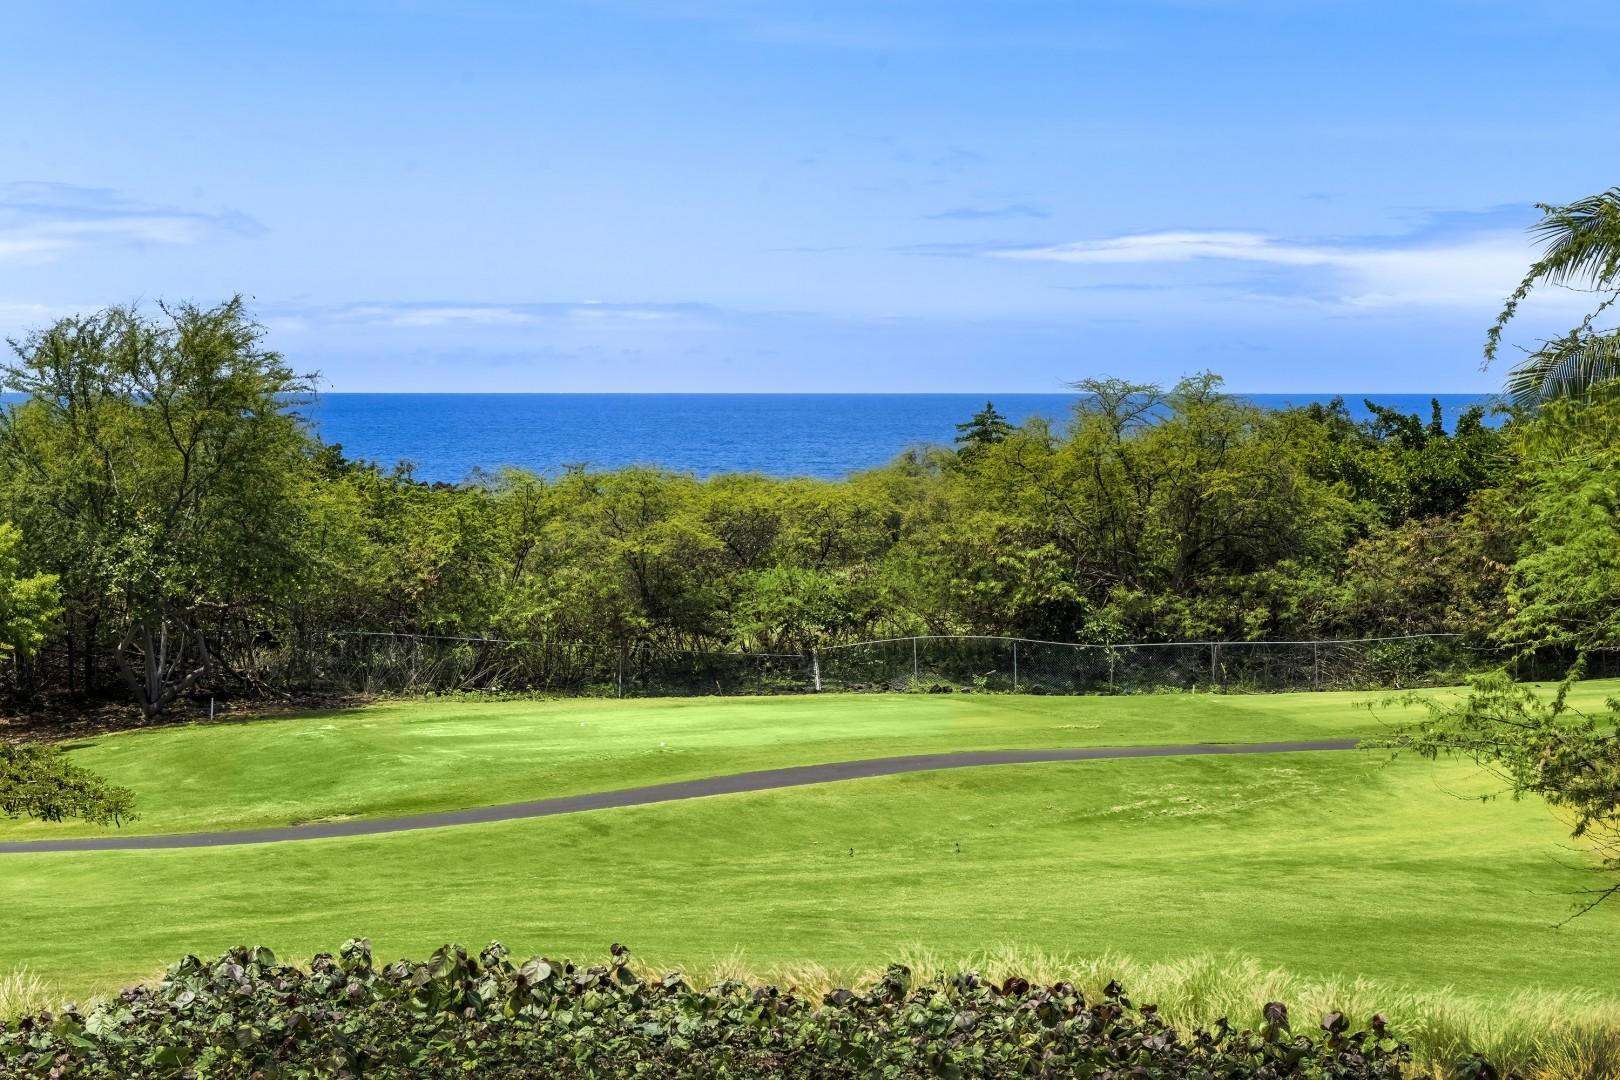 Golf Course backdrop!